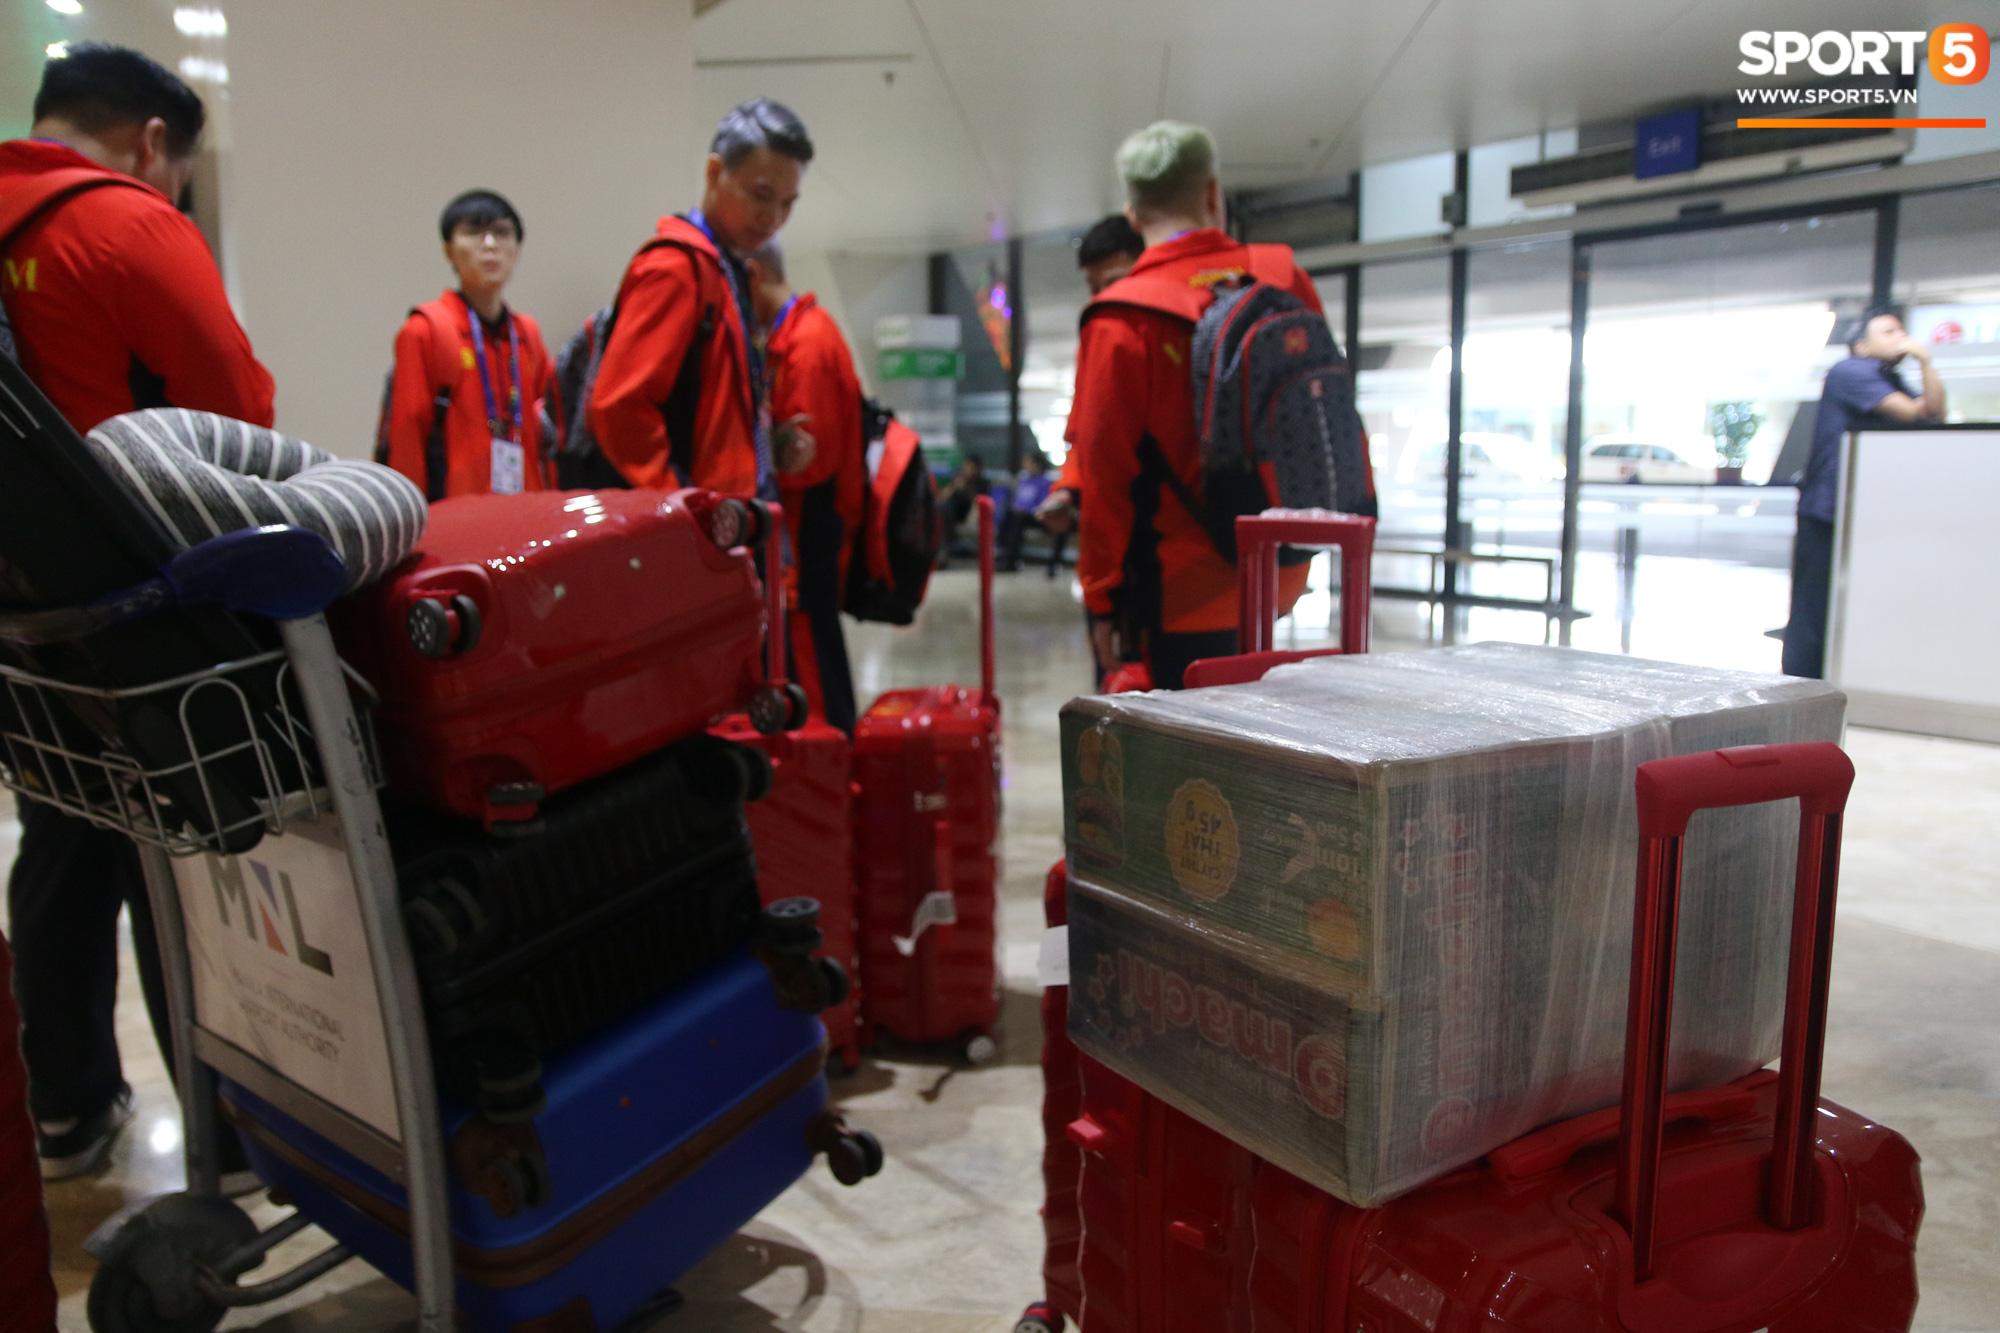 Xe buýt lại đến muộn, đoàn VĐV Việt Nam tranh thủ mở đồ ăn đánh chén ngay tại sân bay sau chuyến đi hú hồn - Ảnh 12.